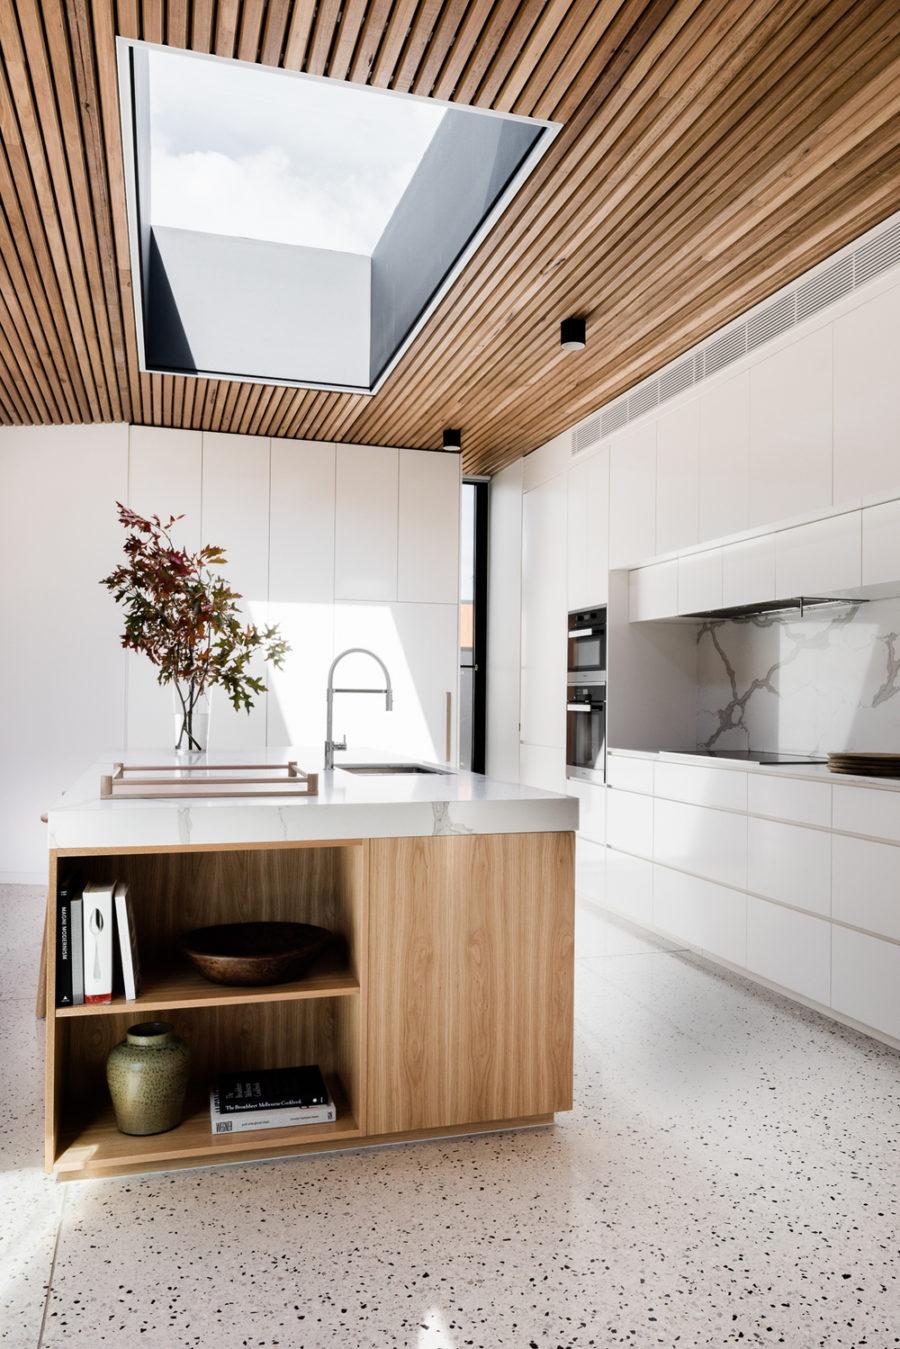 Современные тенденции в дизайне кухни в вашем доме - мраморный пол